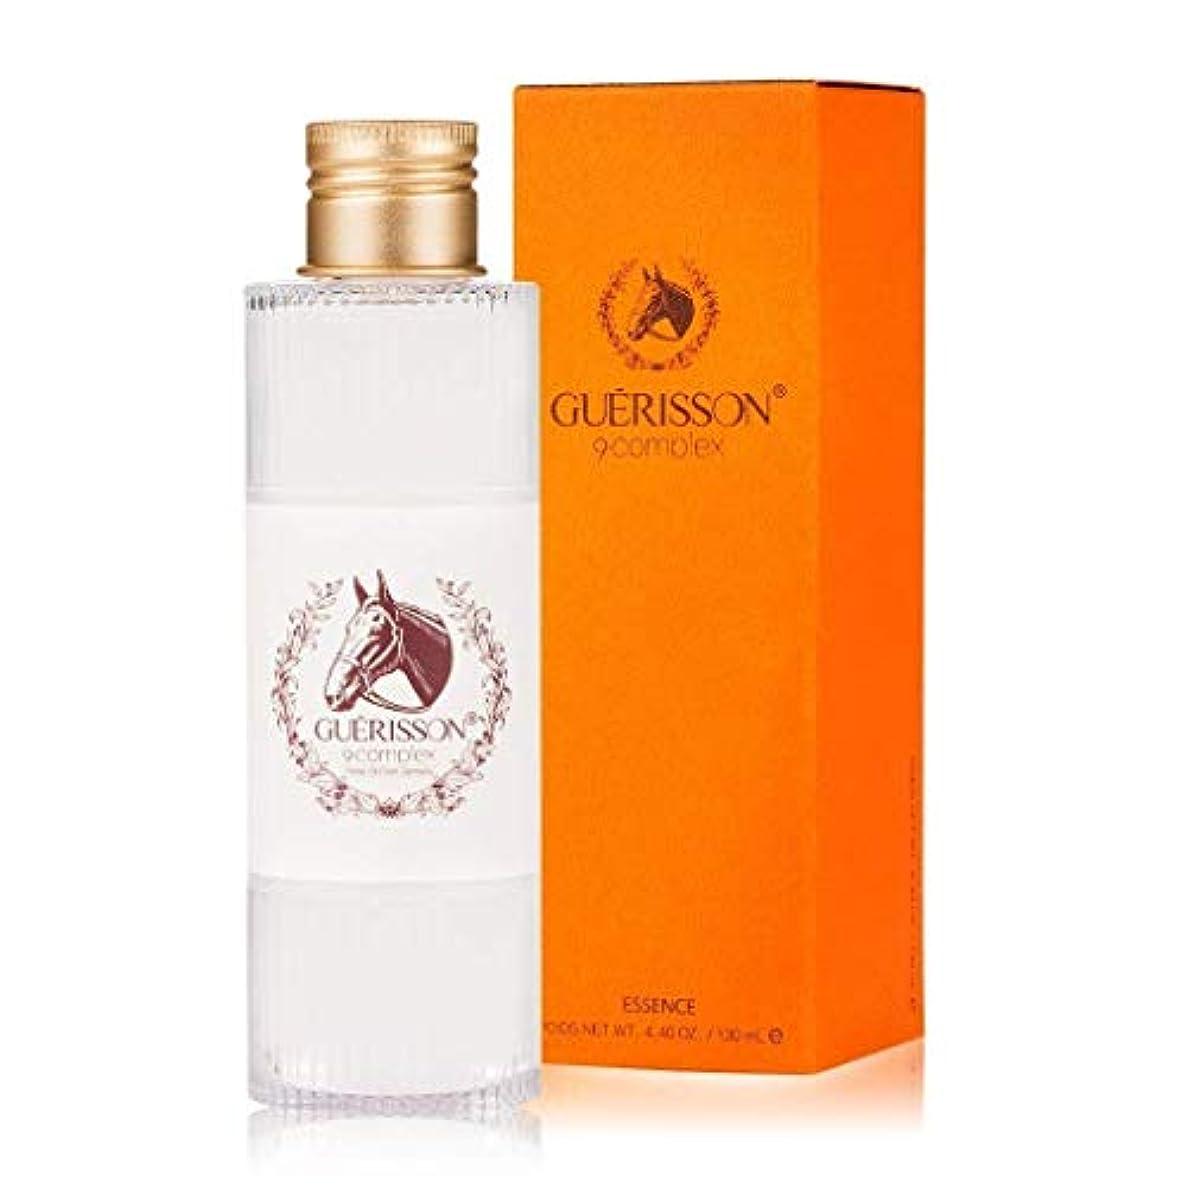 つかの間スパークトリプルGuerisson 9 Complex Horse Oil Essence (Moisturizing Serum) 130ml(2019 Ver. Up)/Korea Cosmetics